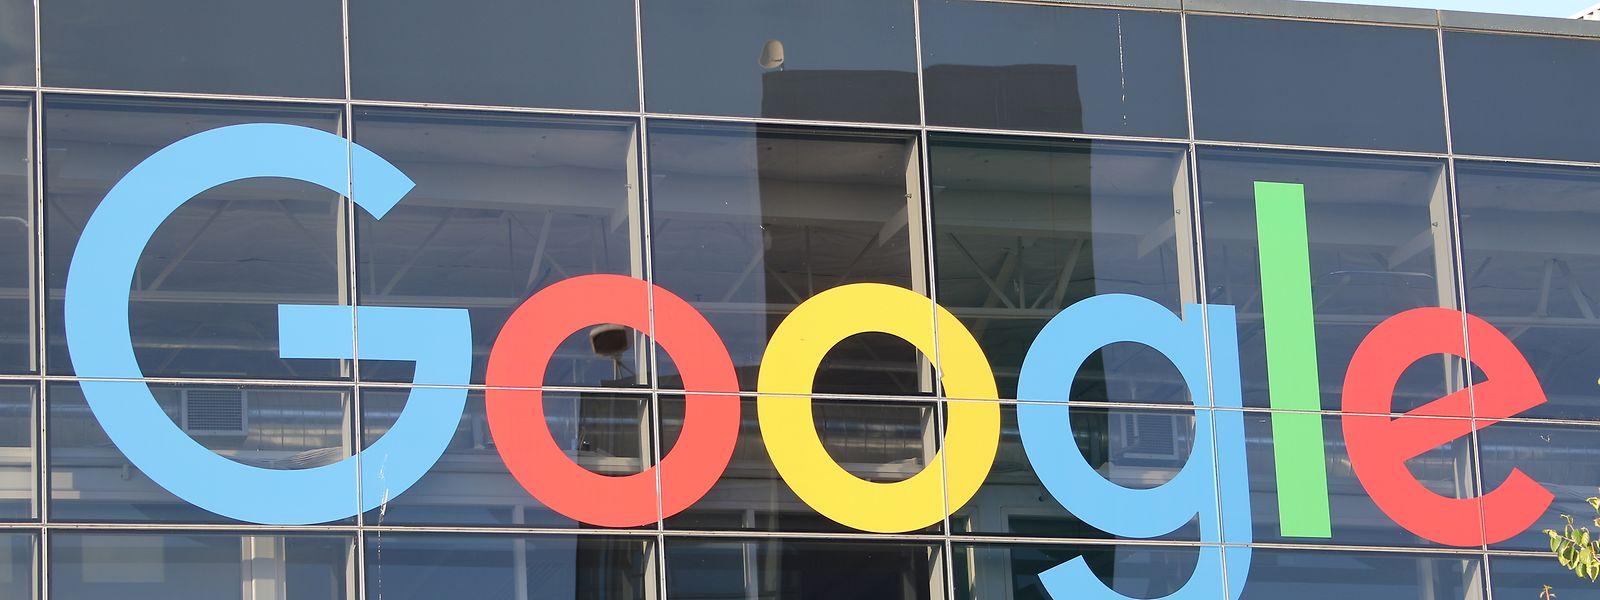 Der Internetgigant Google will bei Bissen ein Rechenzentrum bauen - seit Bekanntgabe des Vorhabens wird das Projekt von Befürwortern und Gegnern heiß diskutiert.